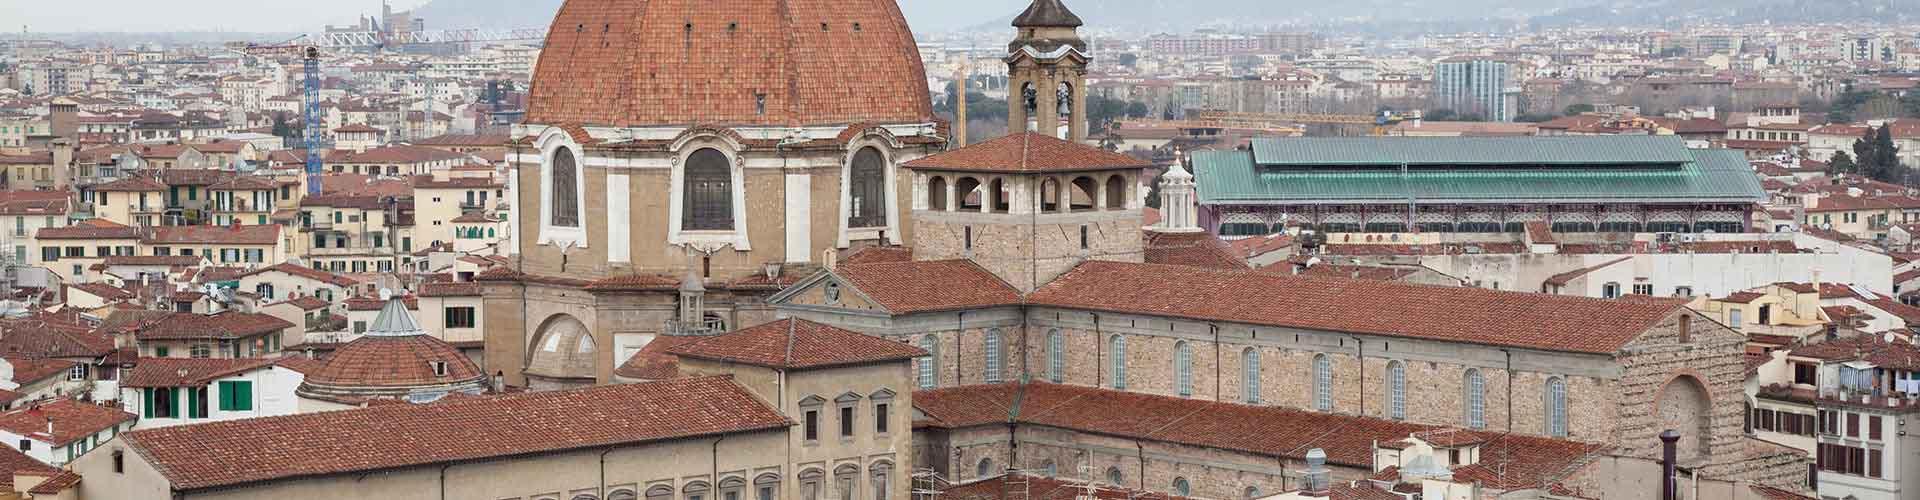 Firenze – Retkeily kaupungiosassa San Lorenzo. Firenze -karttoja, valokuvia ja arvosteluja kaikista Firenze -retkeilyalueista.